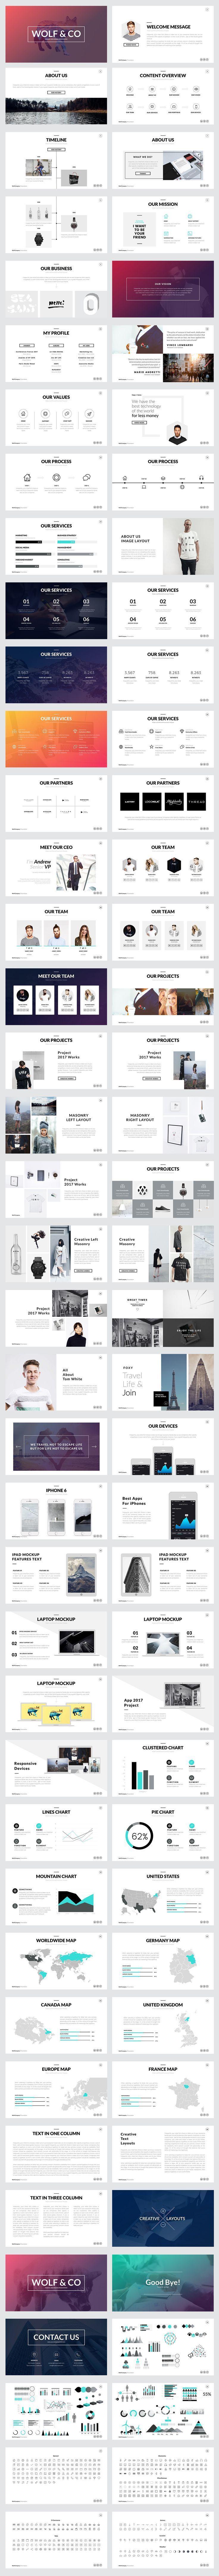 Best 25+ Cv design template ideas on Pinterest | Cv design, Cv ...